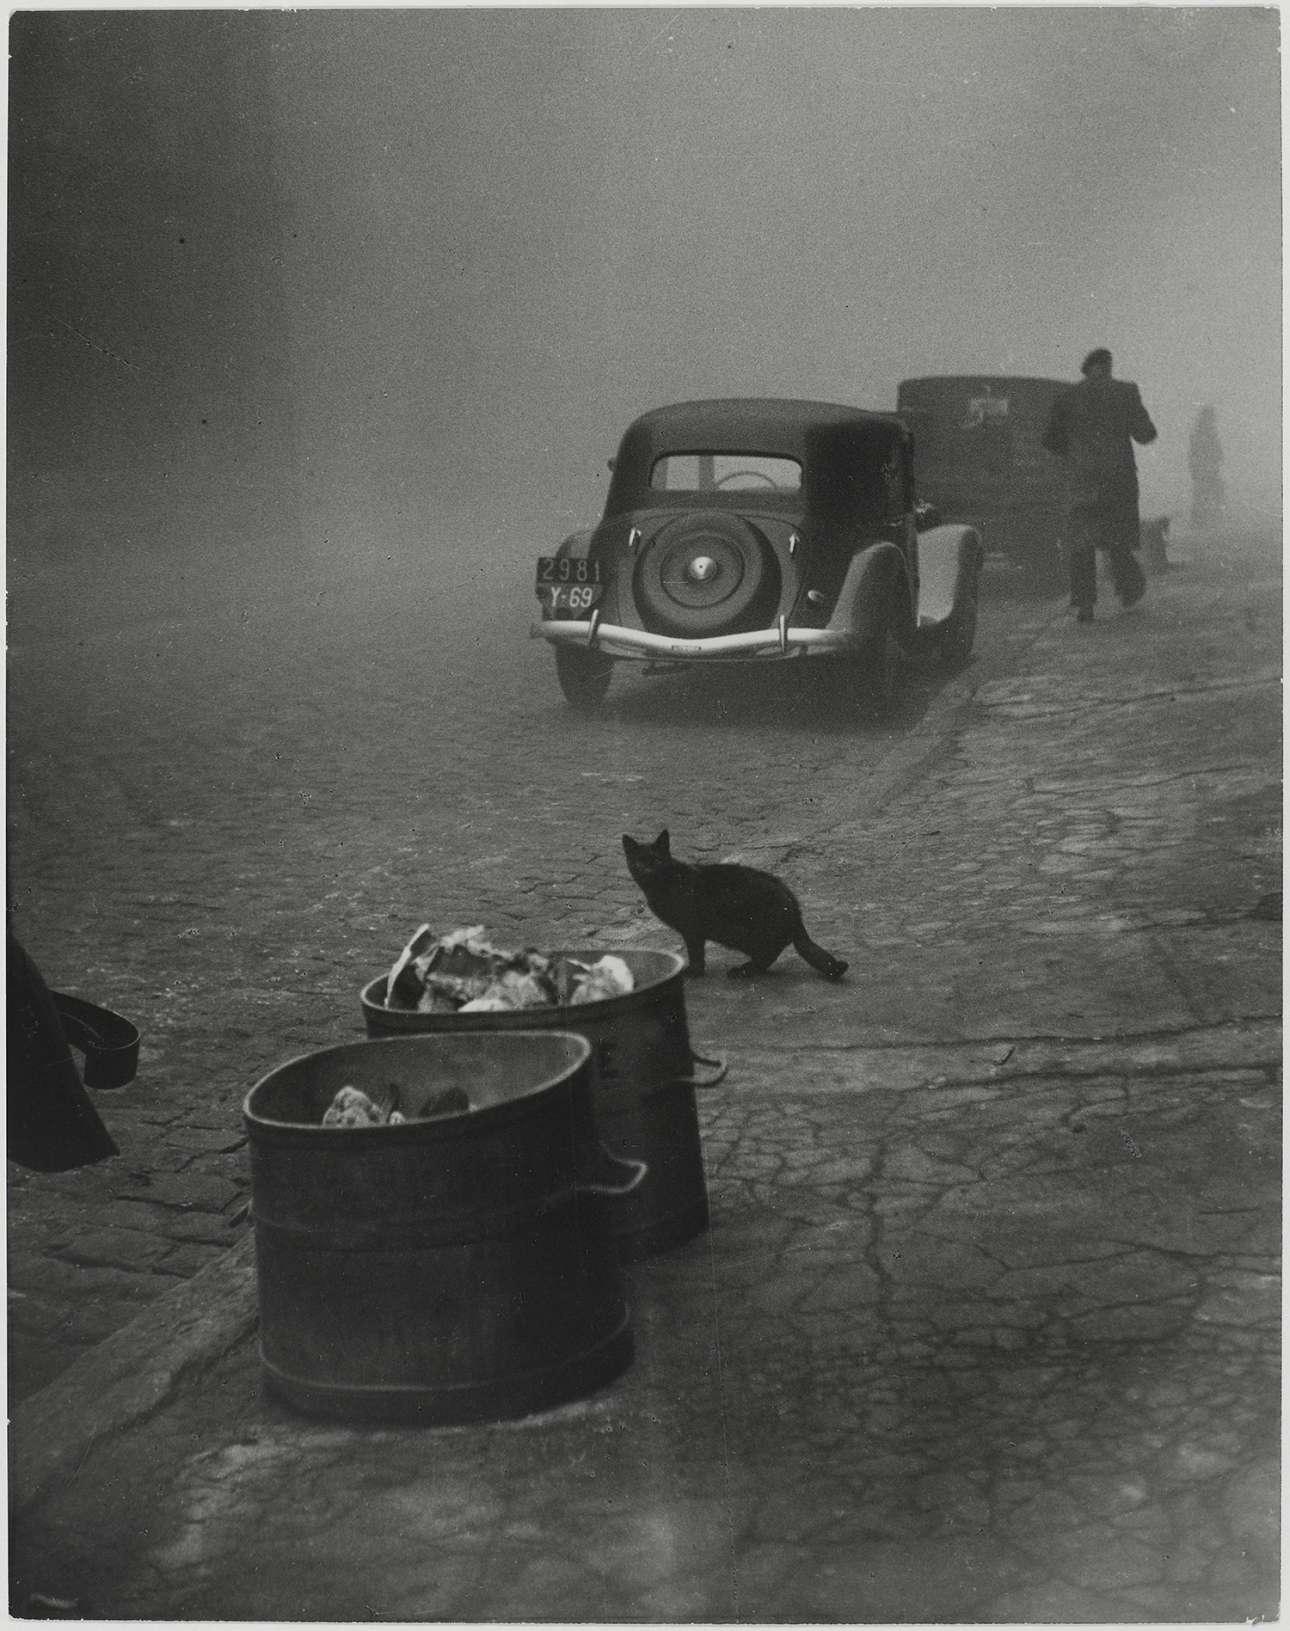 Τοπίο στην ομίχλη... ένα ατμοσφαιρικό πρωινό στη Λυών της Γαλλίας, 1950